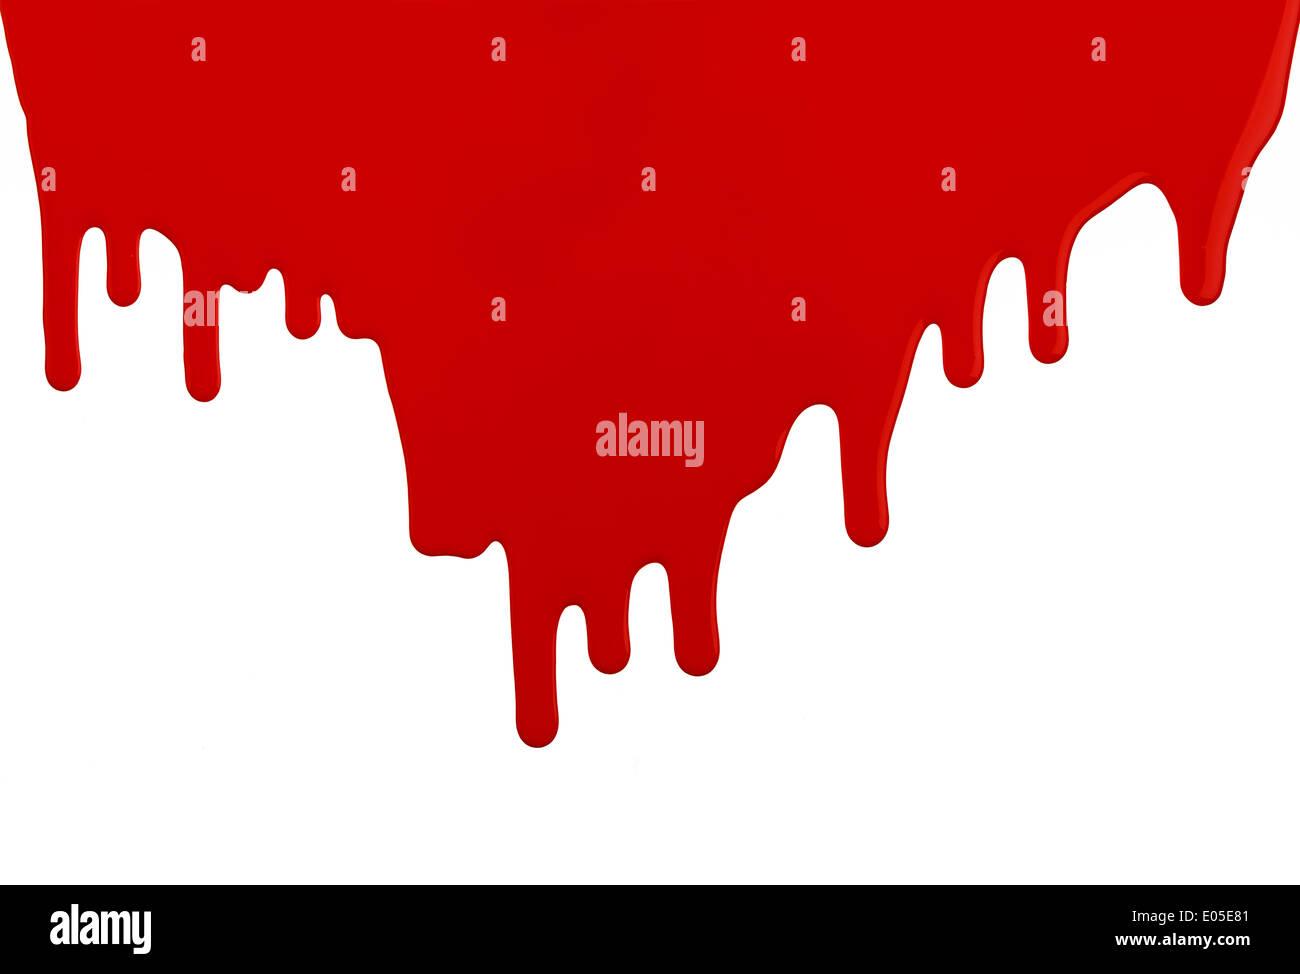 Rote Latex-Farbe ausgeführt, tropfte Wand mit textfreiraum auf weißem Hintergrund. Stockfoto